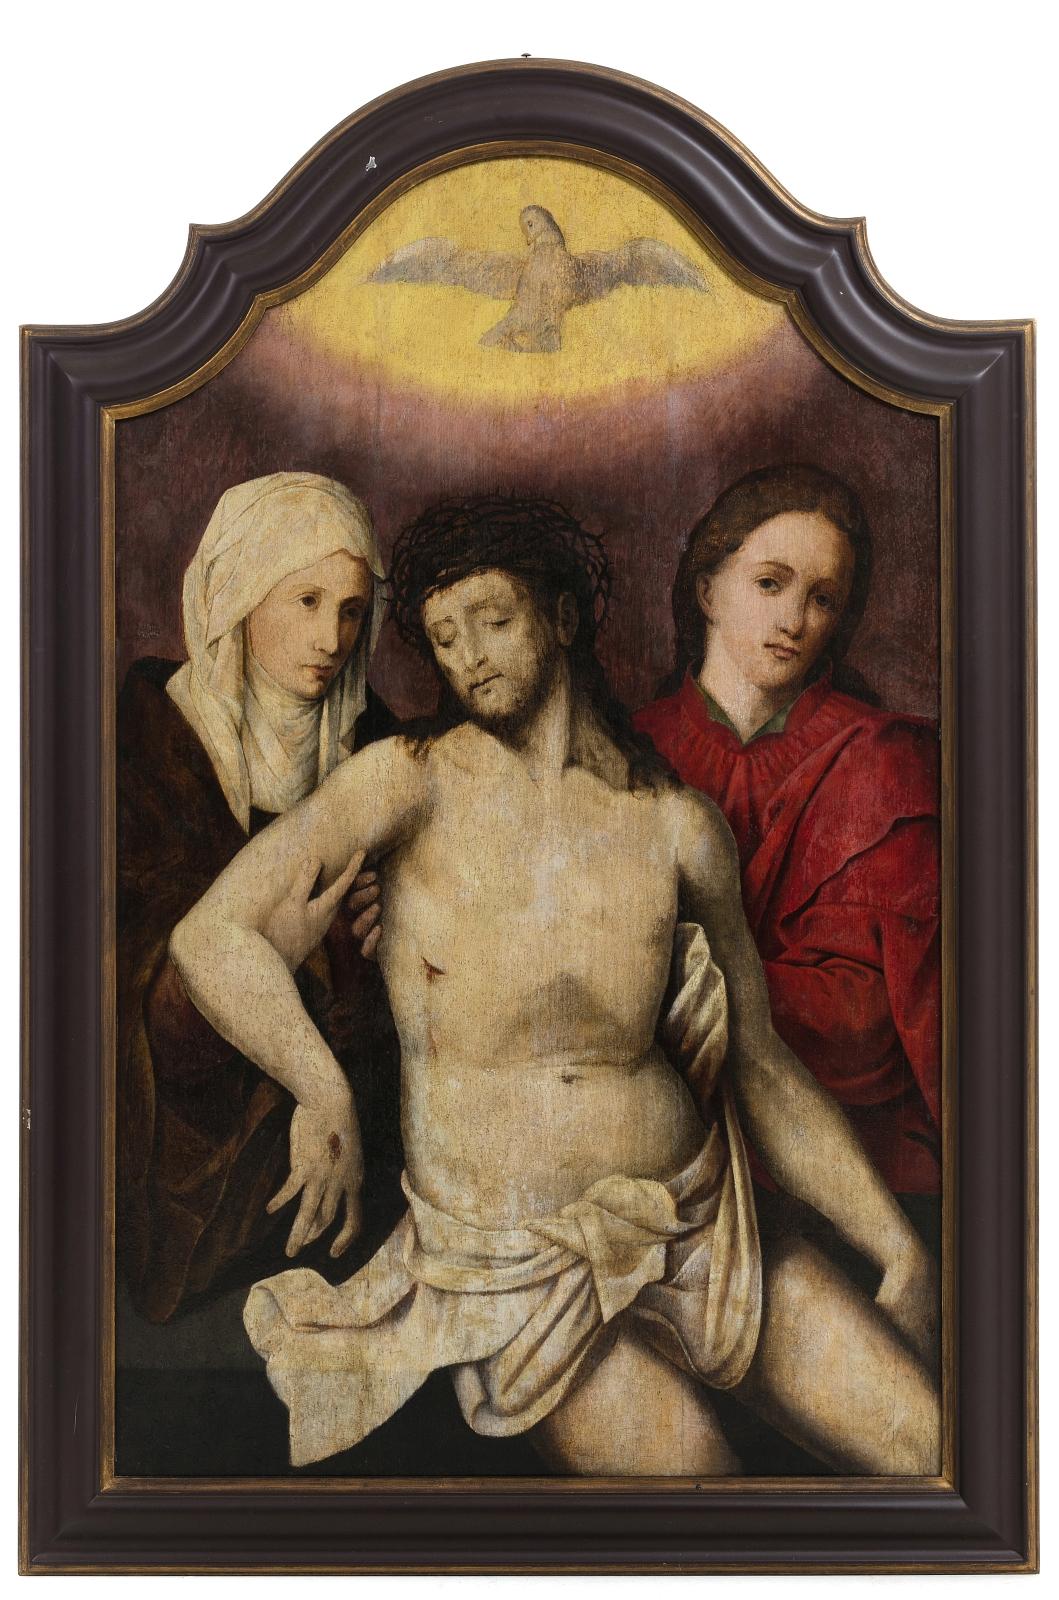 Vente Fine Antiques & Works of Art chez Marques Dos Santos  : 404 lots